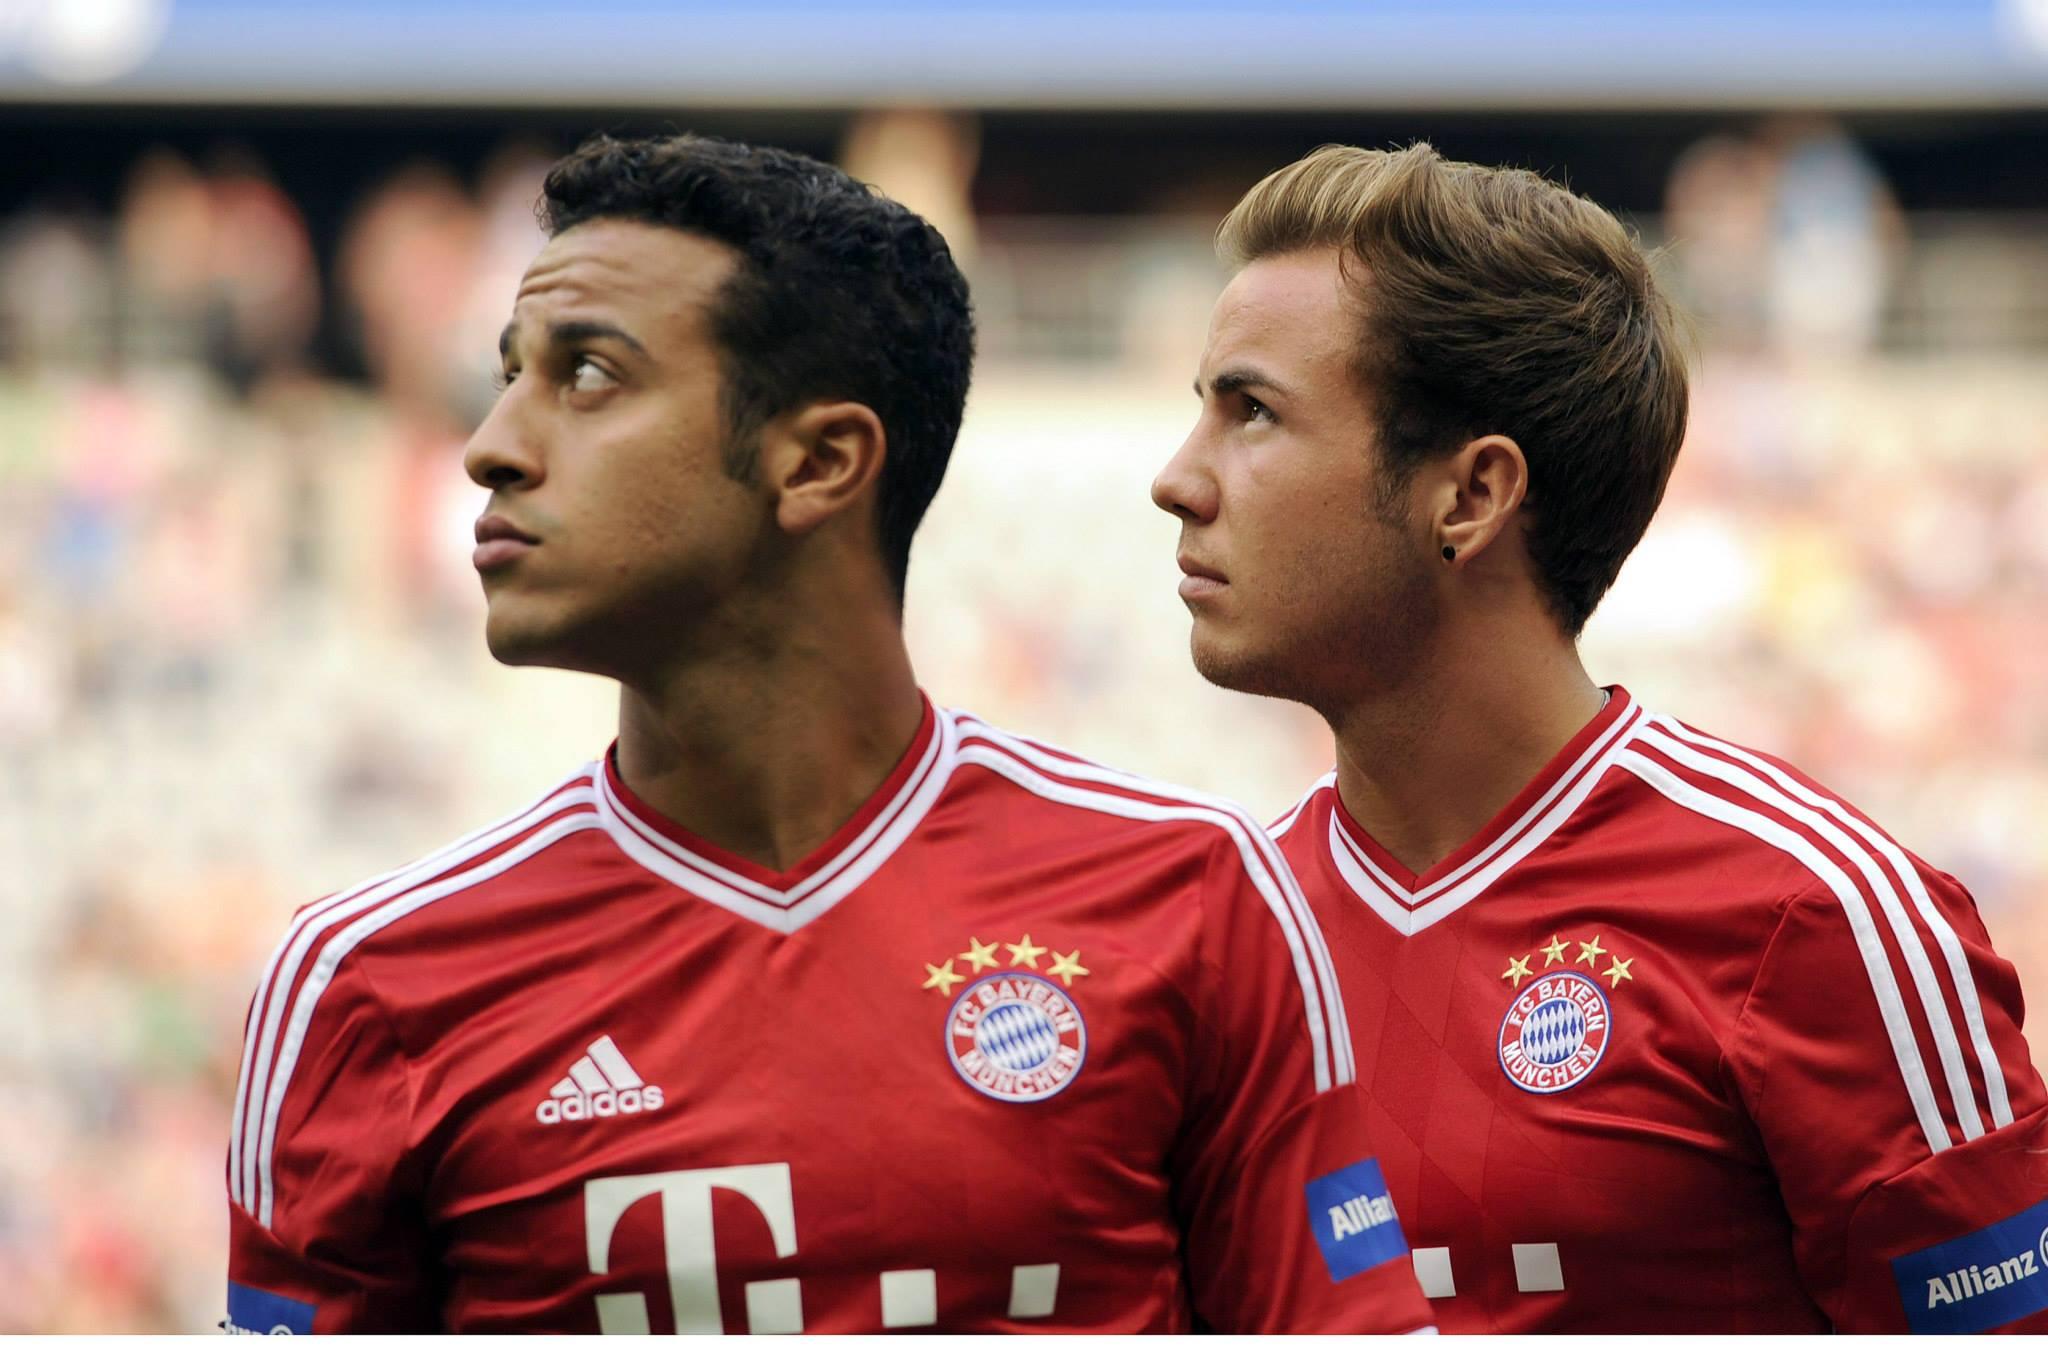 Götze chegou do Borussia Dortmund por 37 milhões de euros, enquanto Thiago Alcântara deixou o Barcelona por 25 milhões Fonte: Fmkorea.net